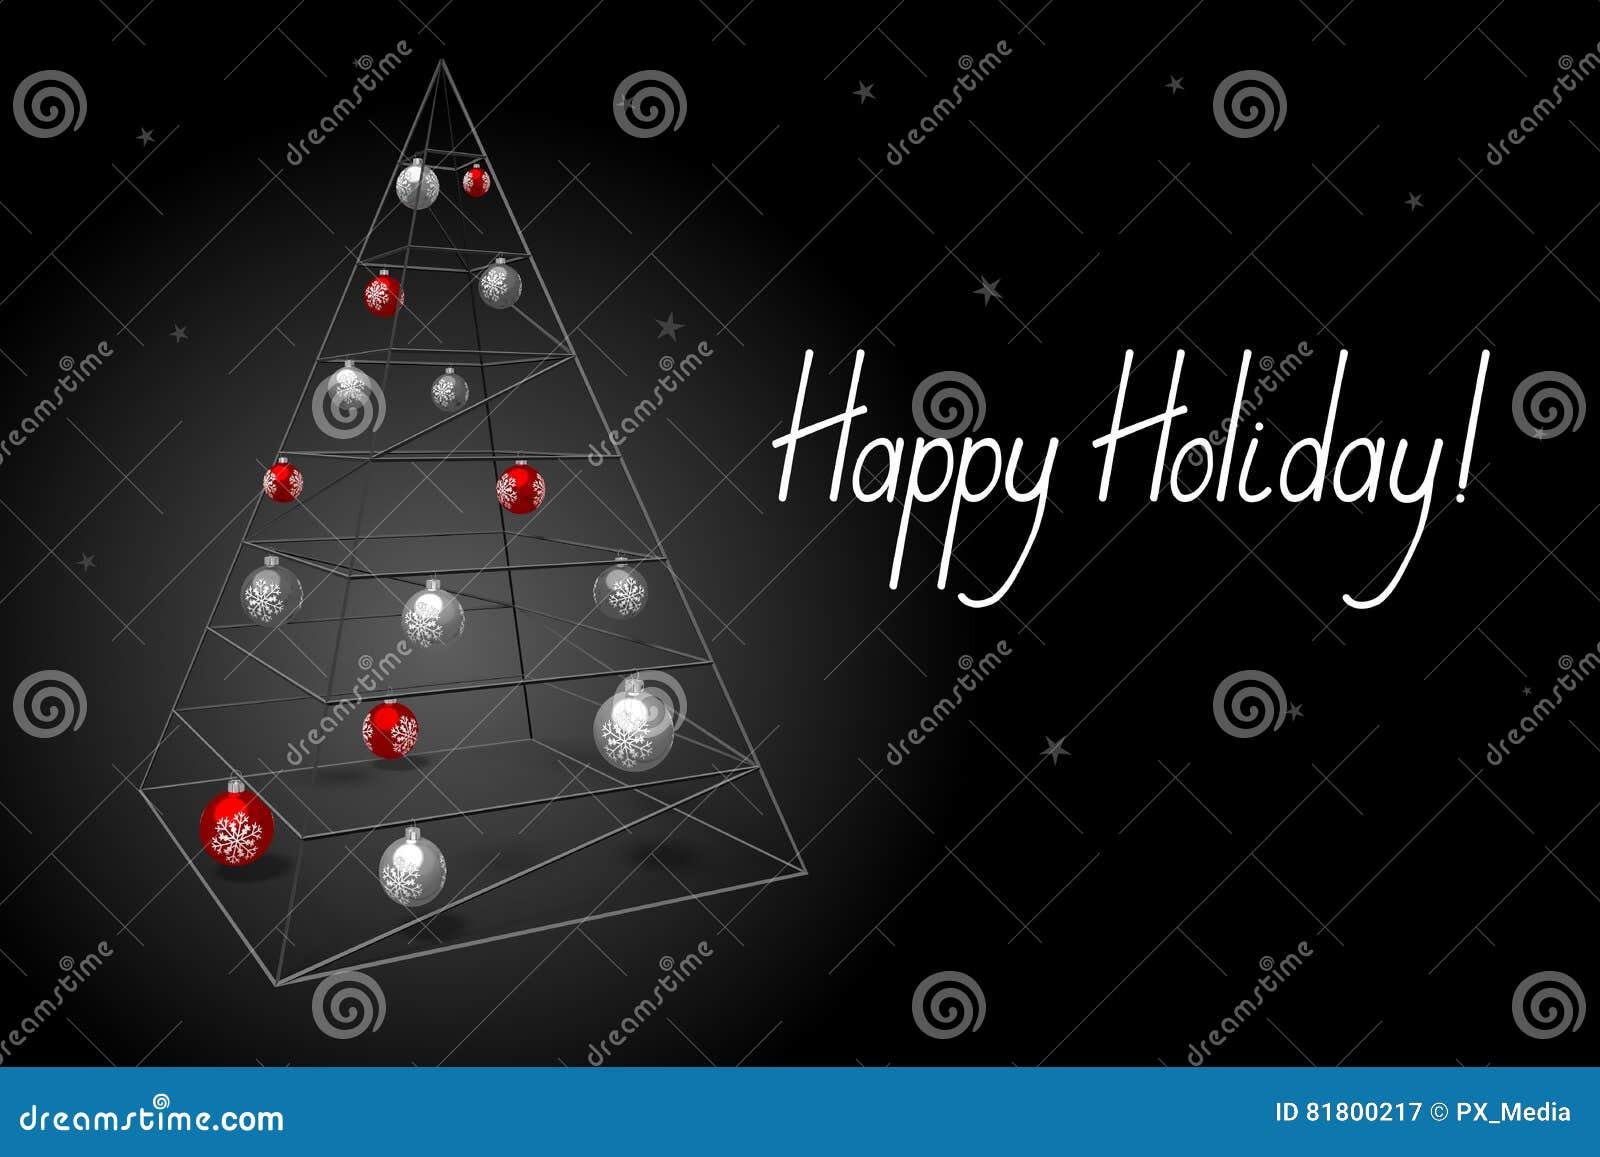 Рождественская открытка - счастливый праздник